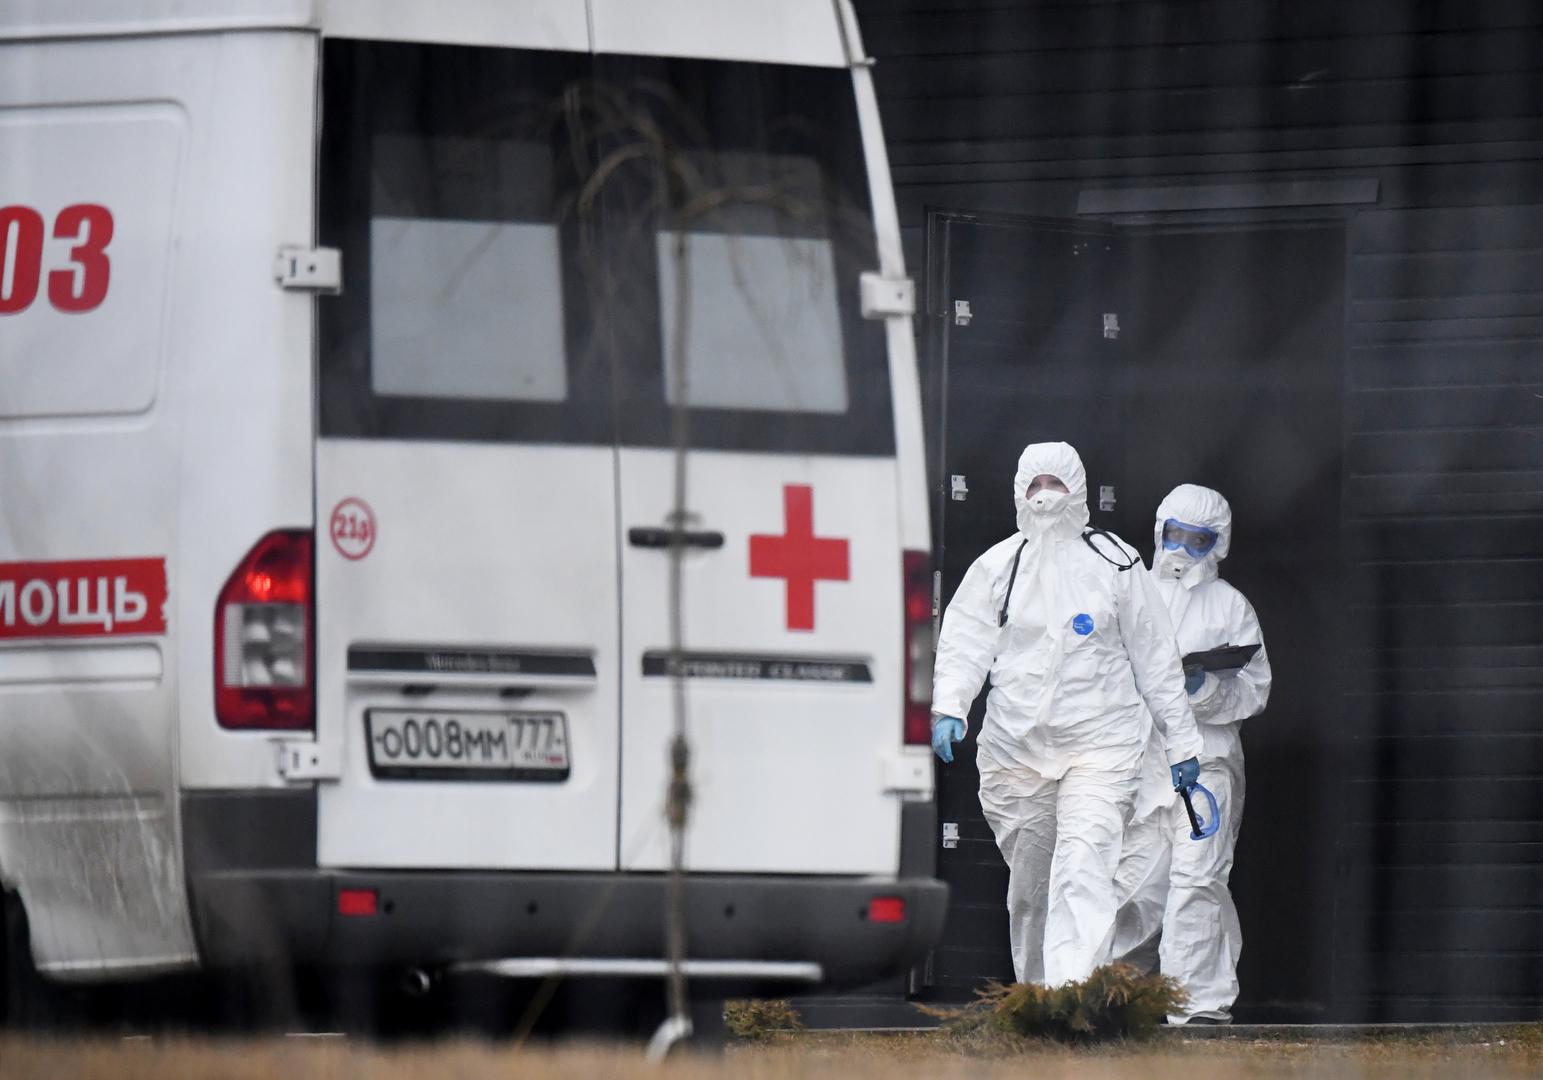 سيارة إسعاف خاصة لنقل مصابين بفيروس كورونا في موسكو